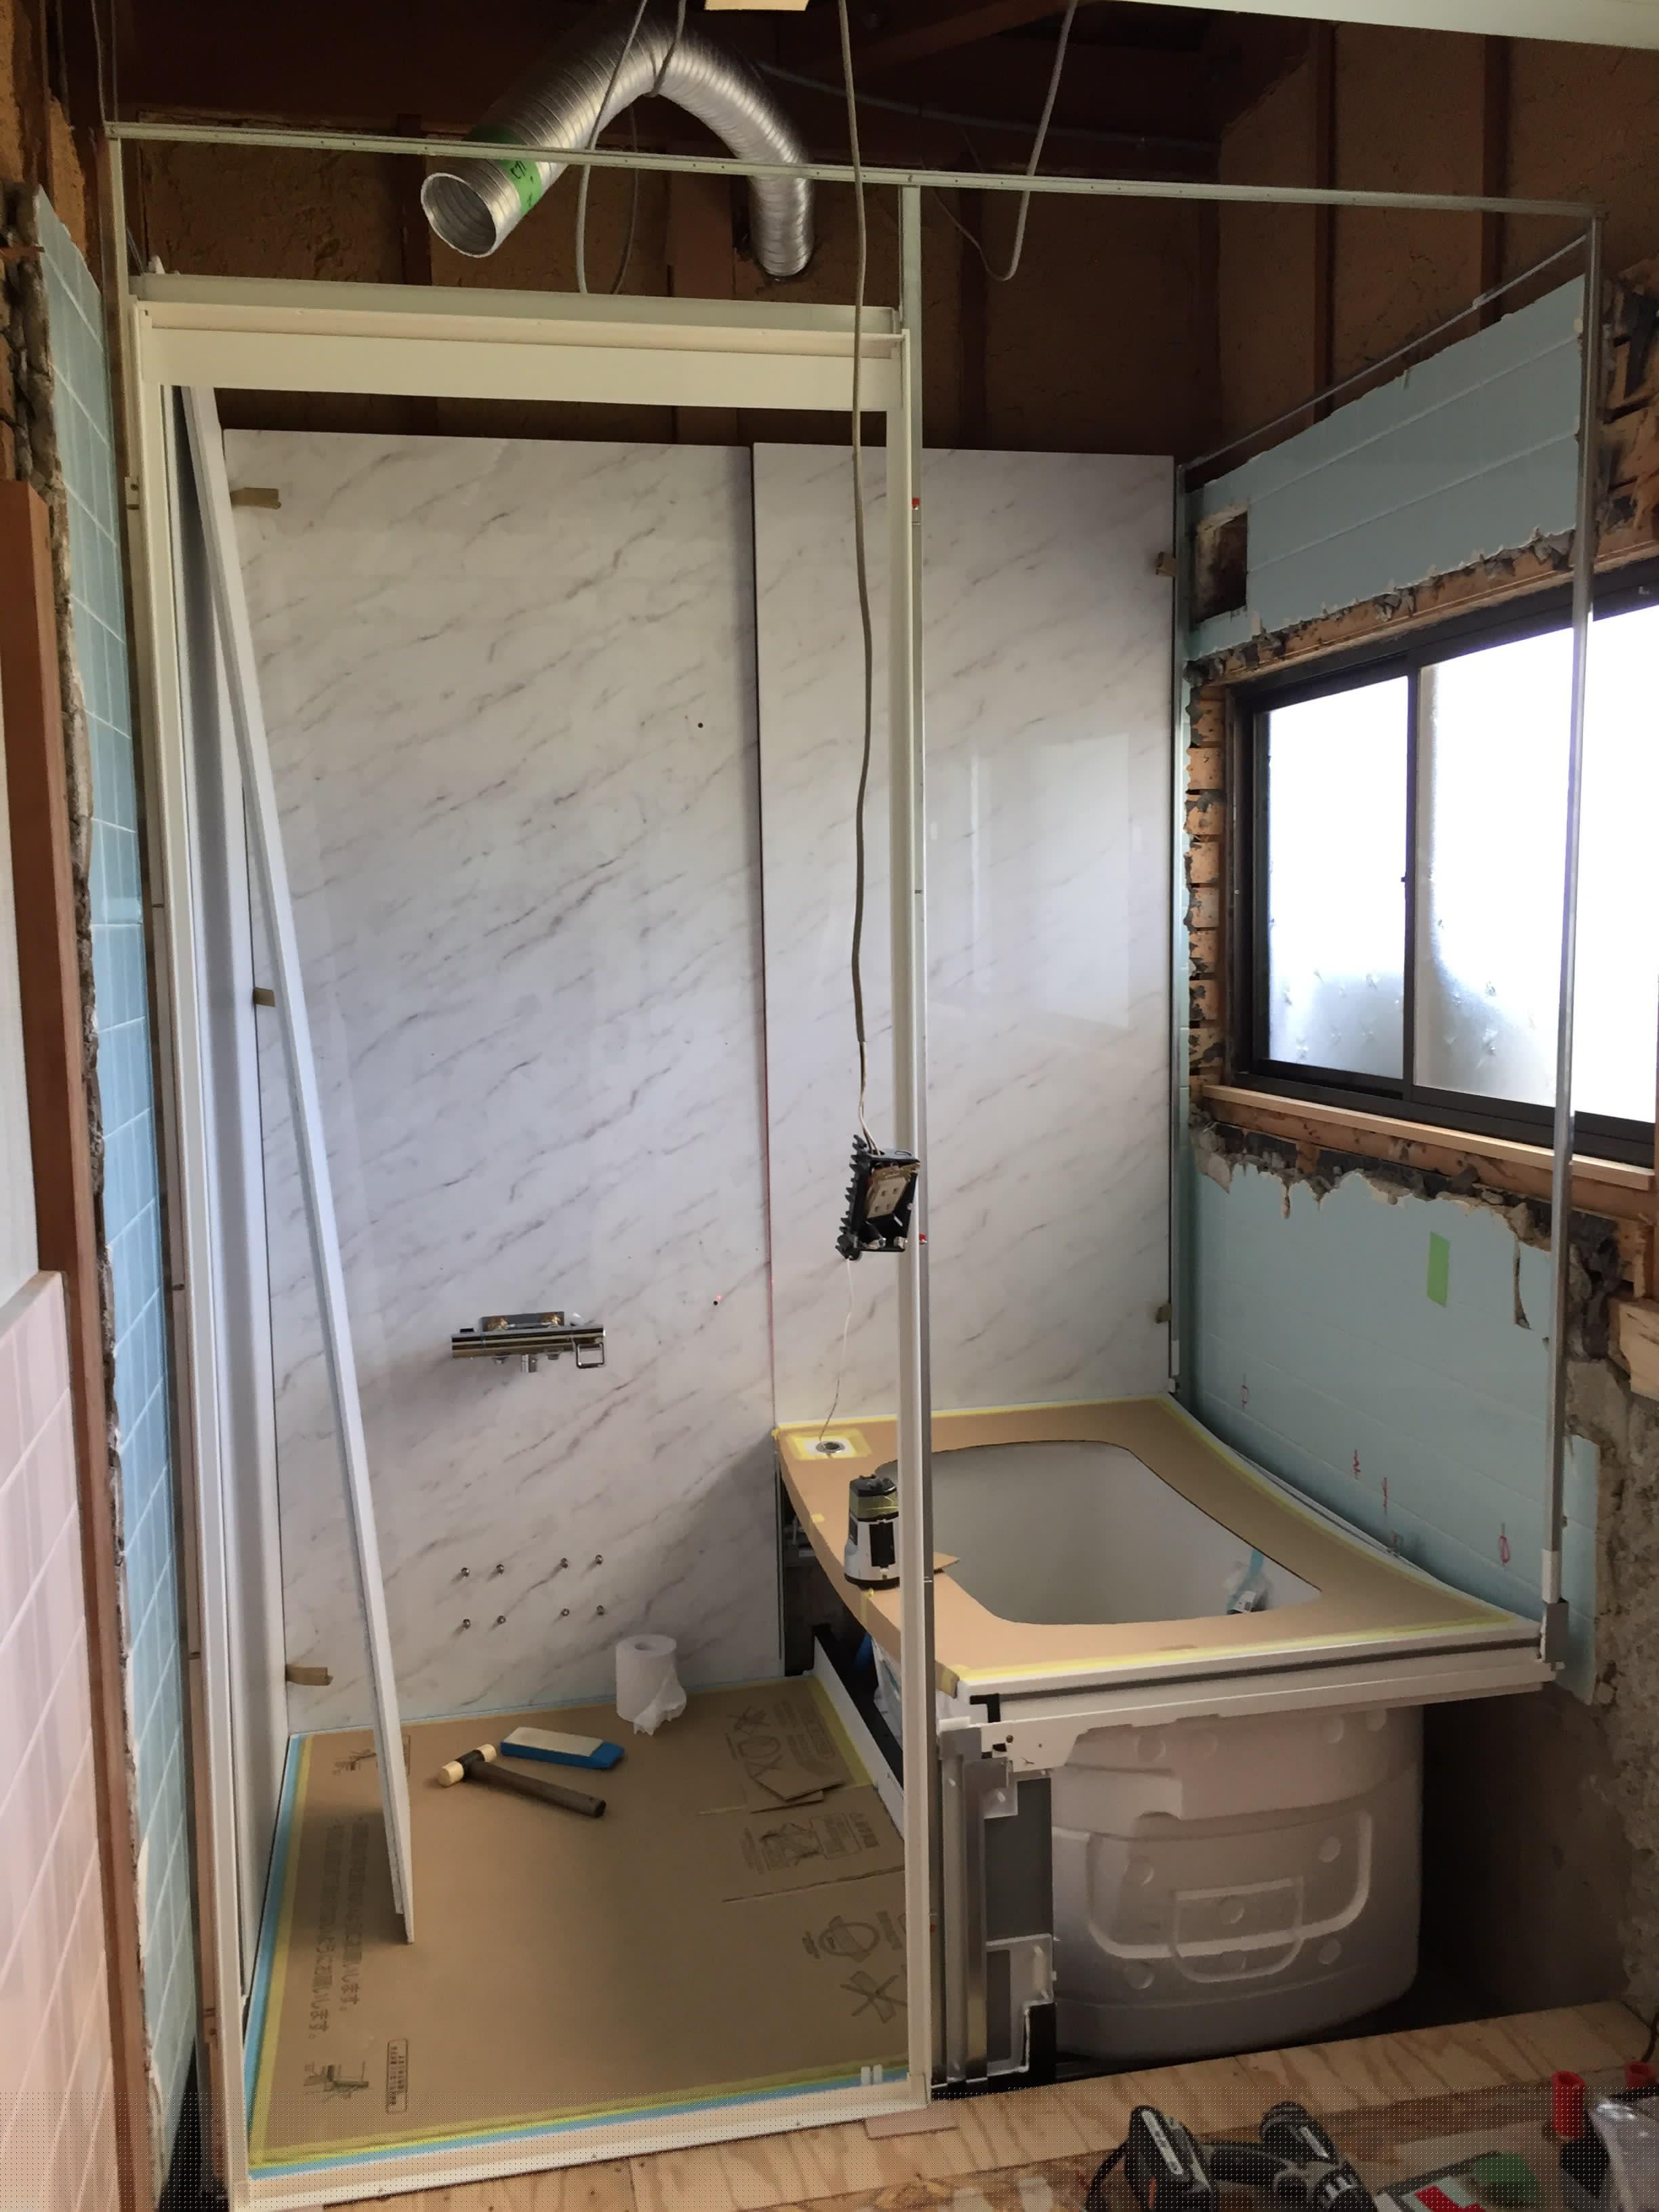 西条市でタイル貼りのお風呂からユニットバスへリフォーム施工中4